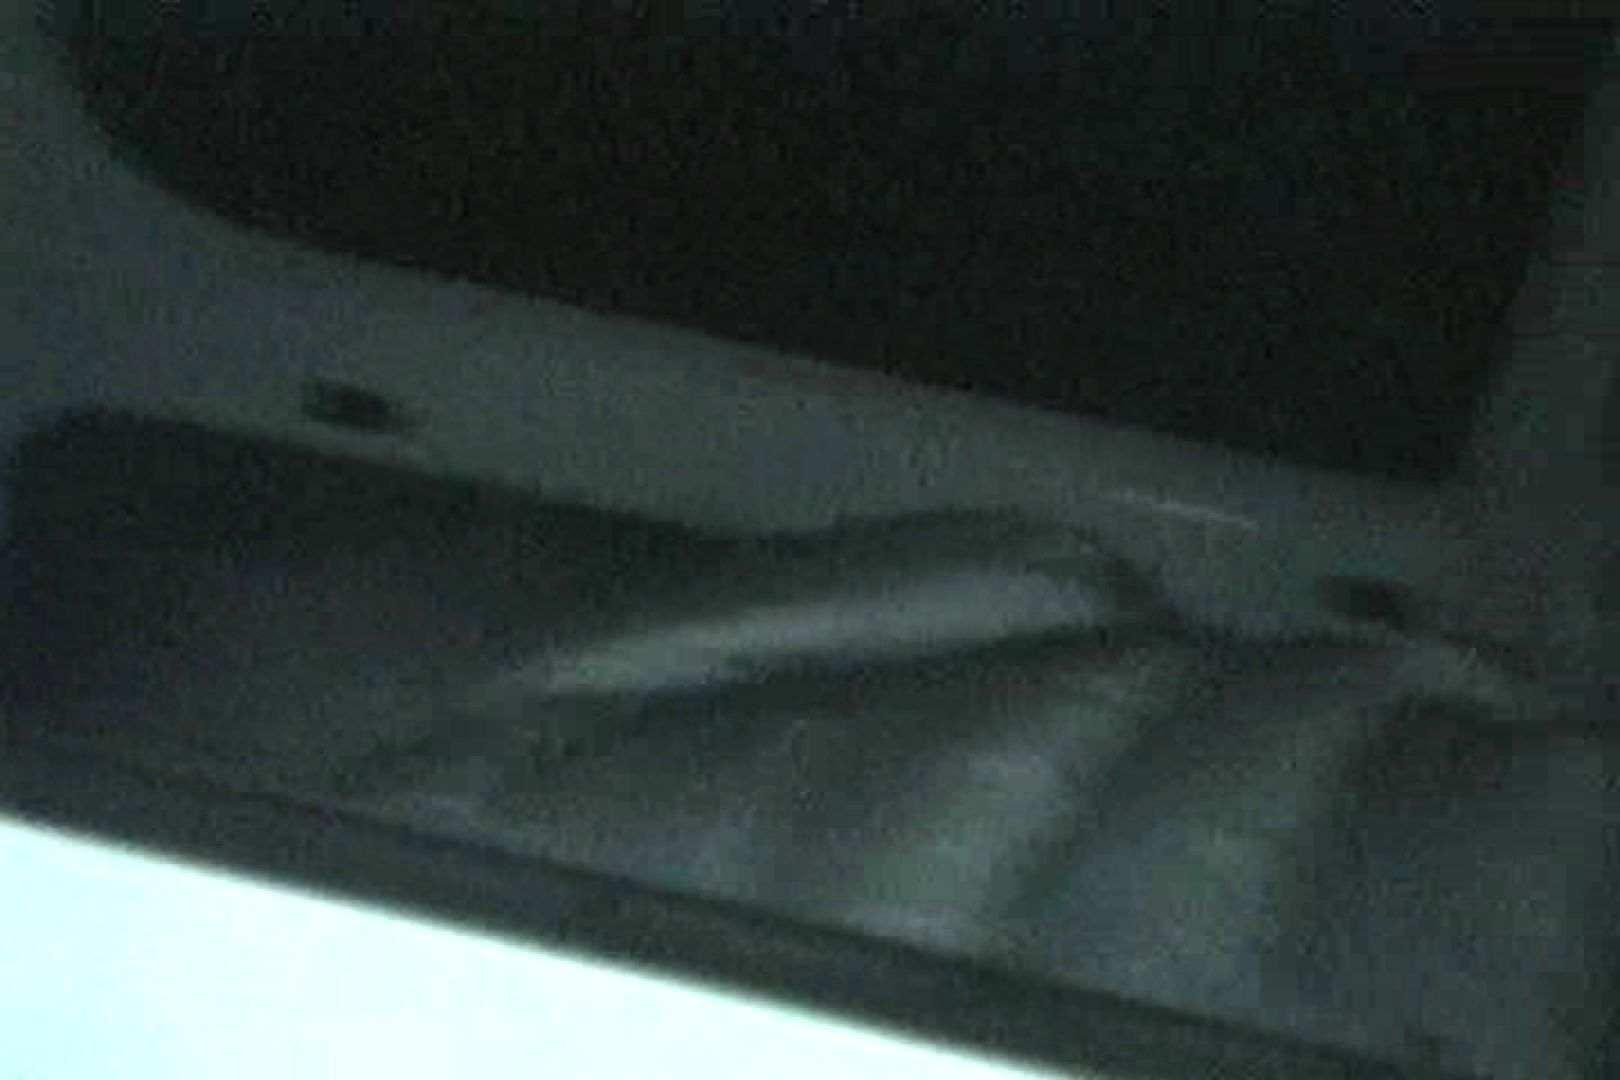 充血監督の深夜の運動会Vol.102 OLエロ画像 盗撮AV動画キャプチャ 95PICs 14